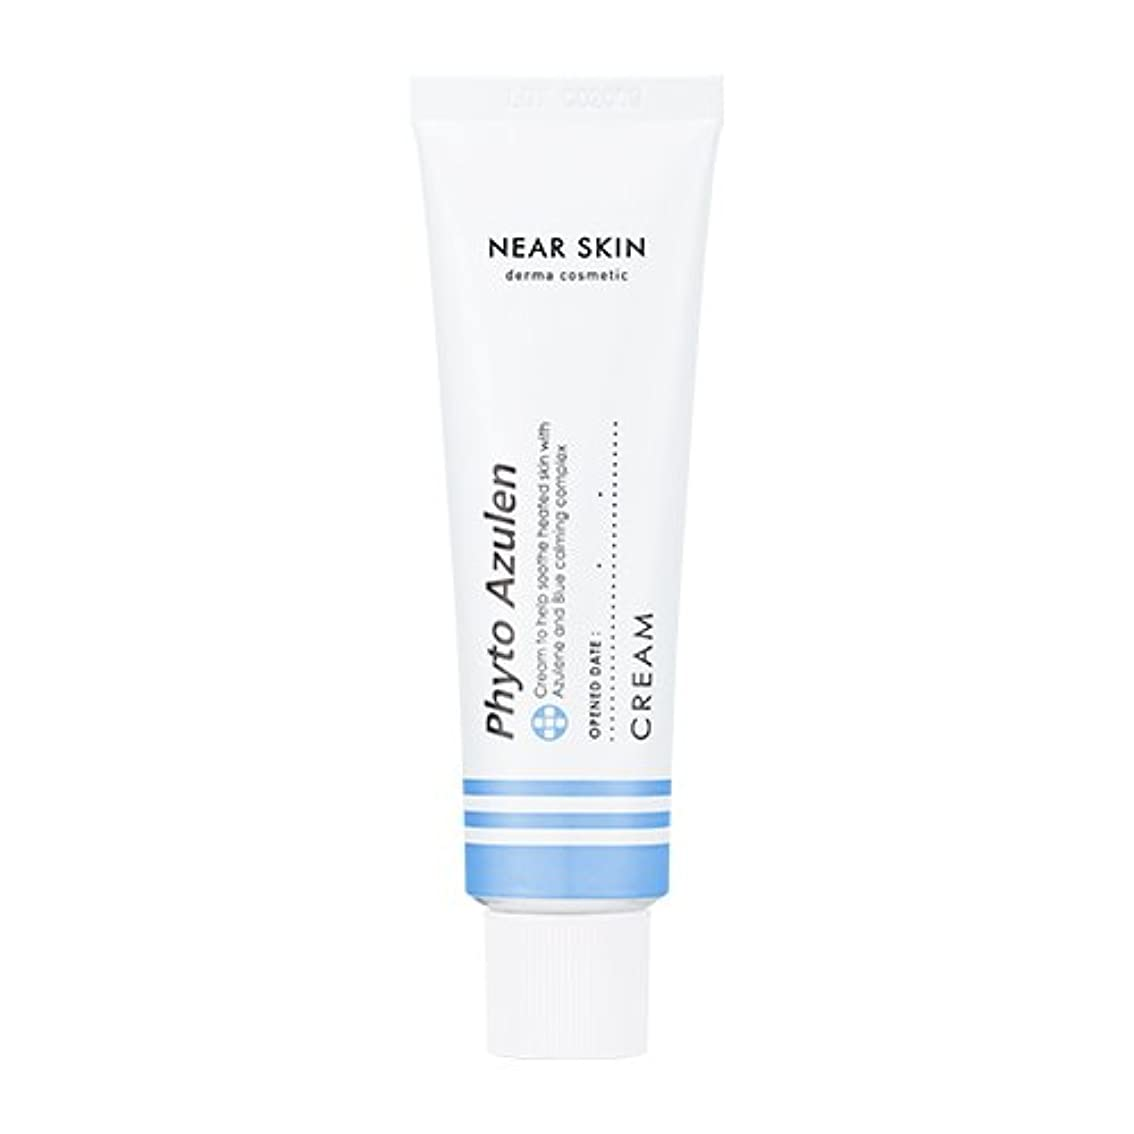 ぐるぐるご近所爆弾MISSHA [NEAR SKIN] Phyto Azulen Cream/ミシャ ニアスキン フィトアズレンクリーム 50ml [並行輸入品]